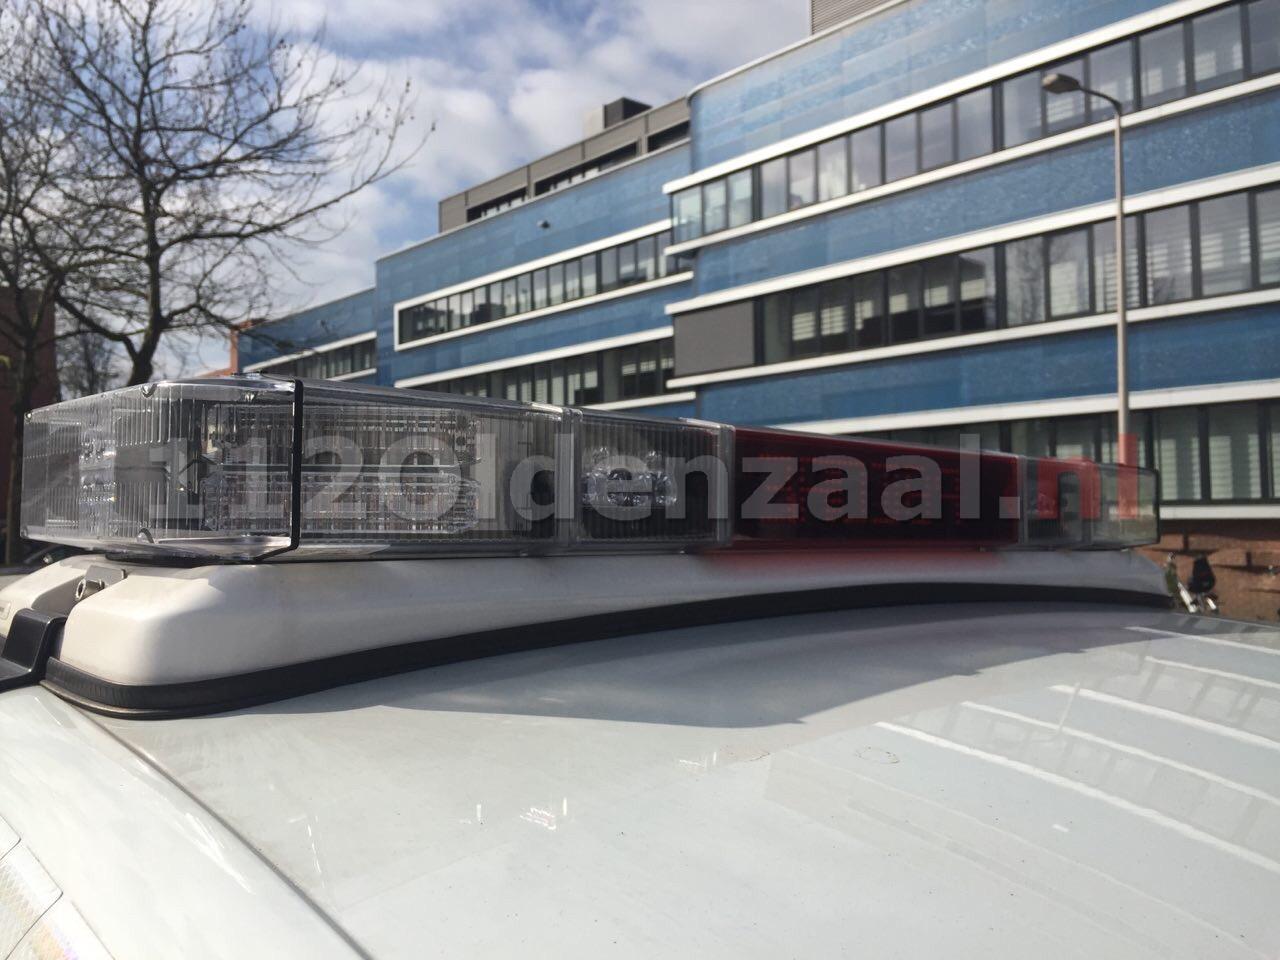 Agenten worden tijdens aanhouding mishandeld en één gebeten in gelaat, man en vrouw uit Enschede aangehouden